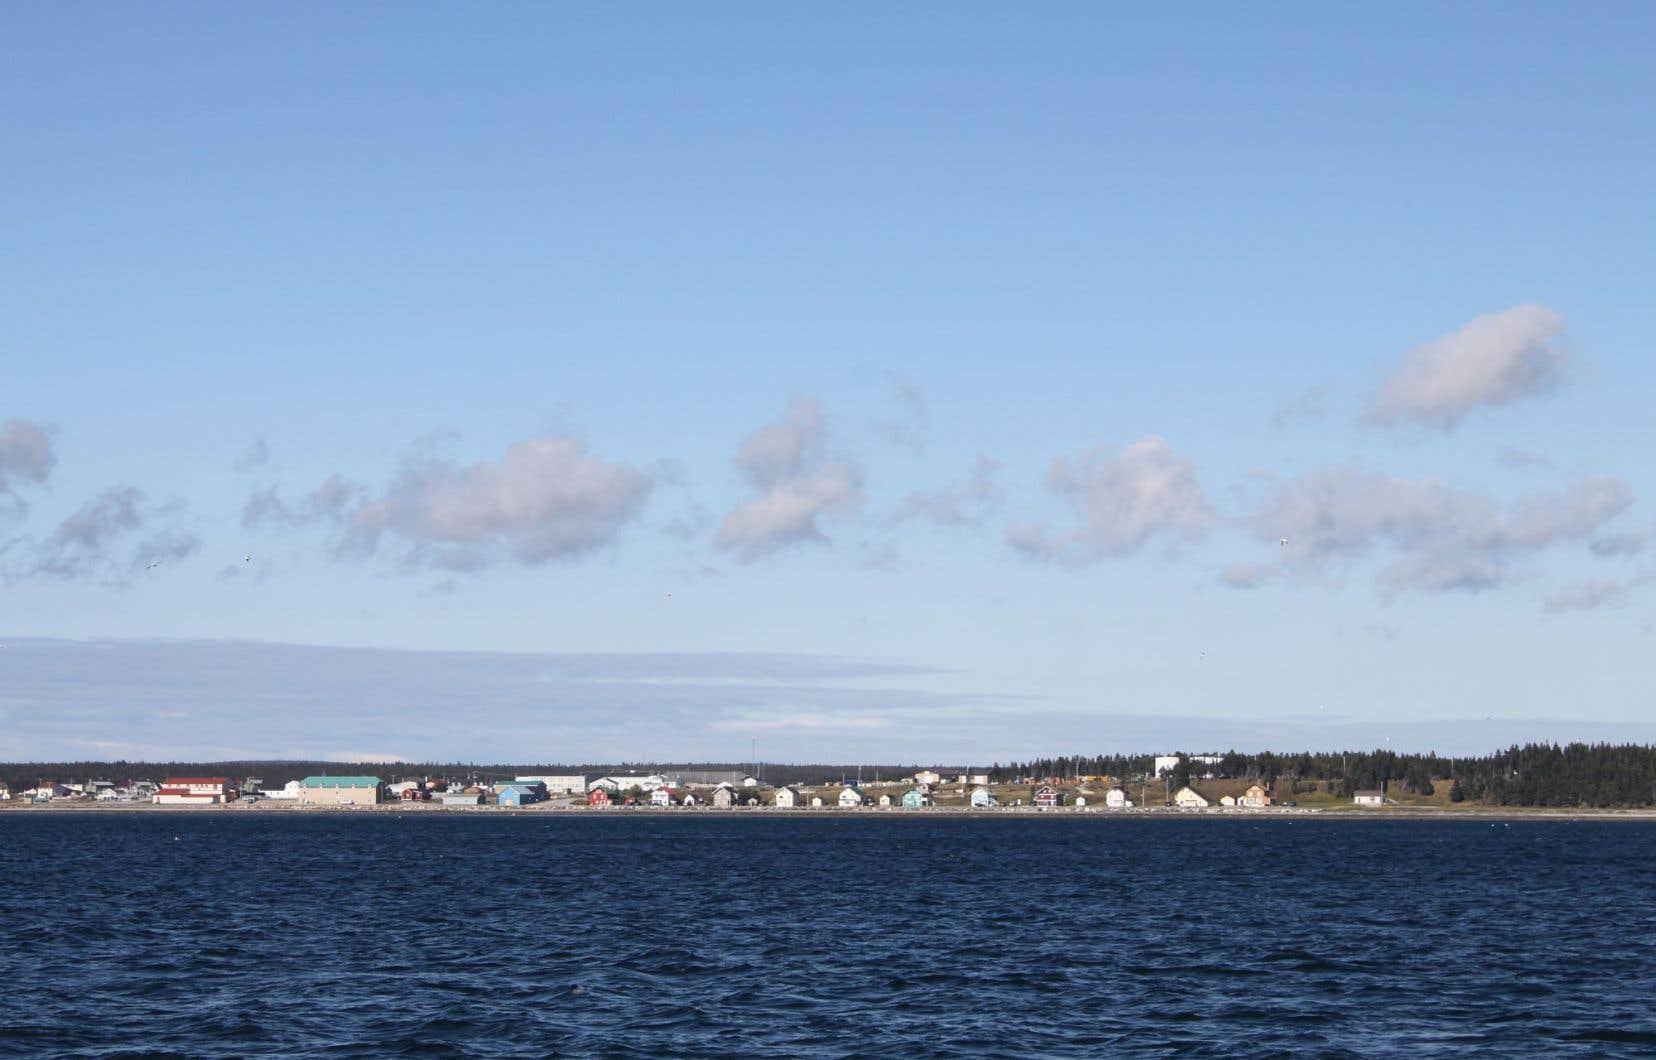 Parmi les documents pas encore publiés, pas moins de 10 études portent directement sur des enjeux environnementaux pour l'île d'Anticosti.